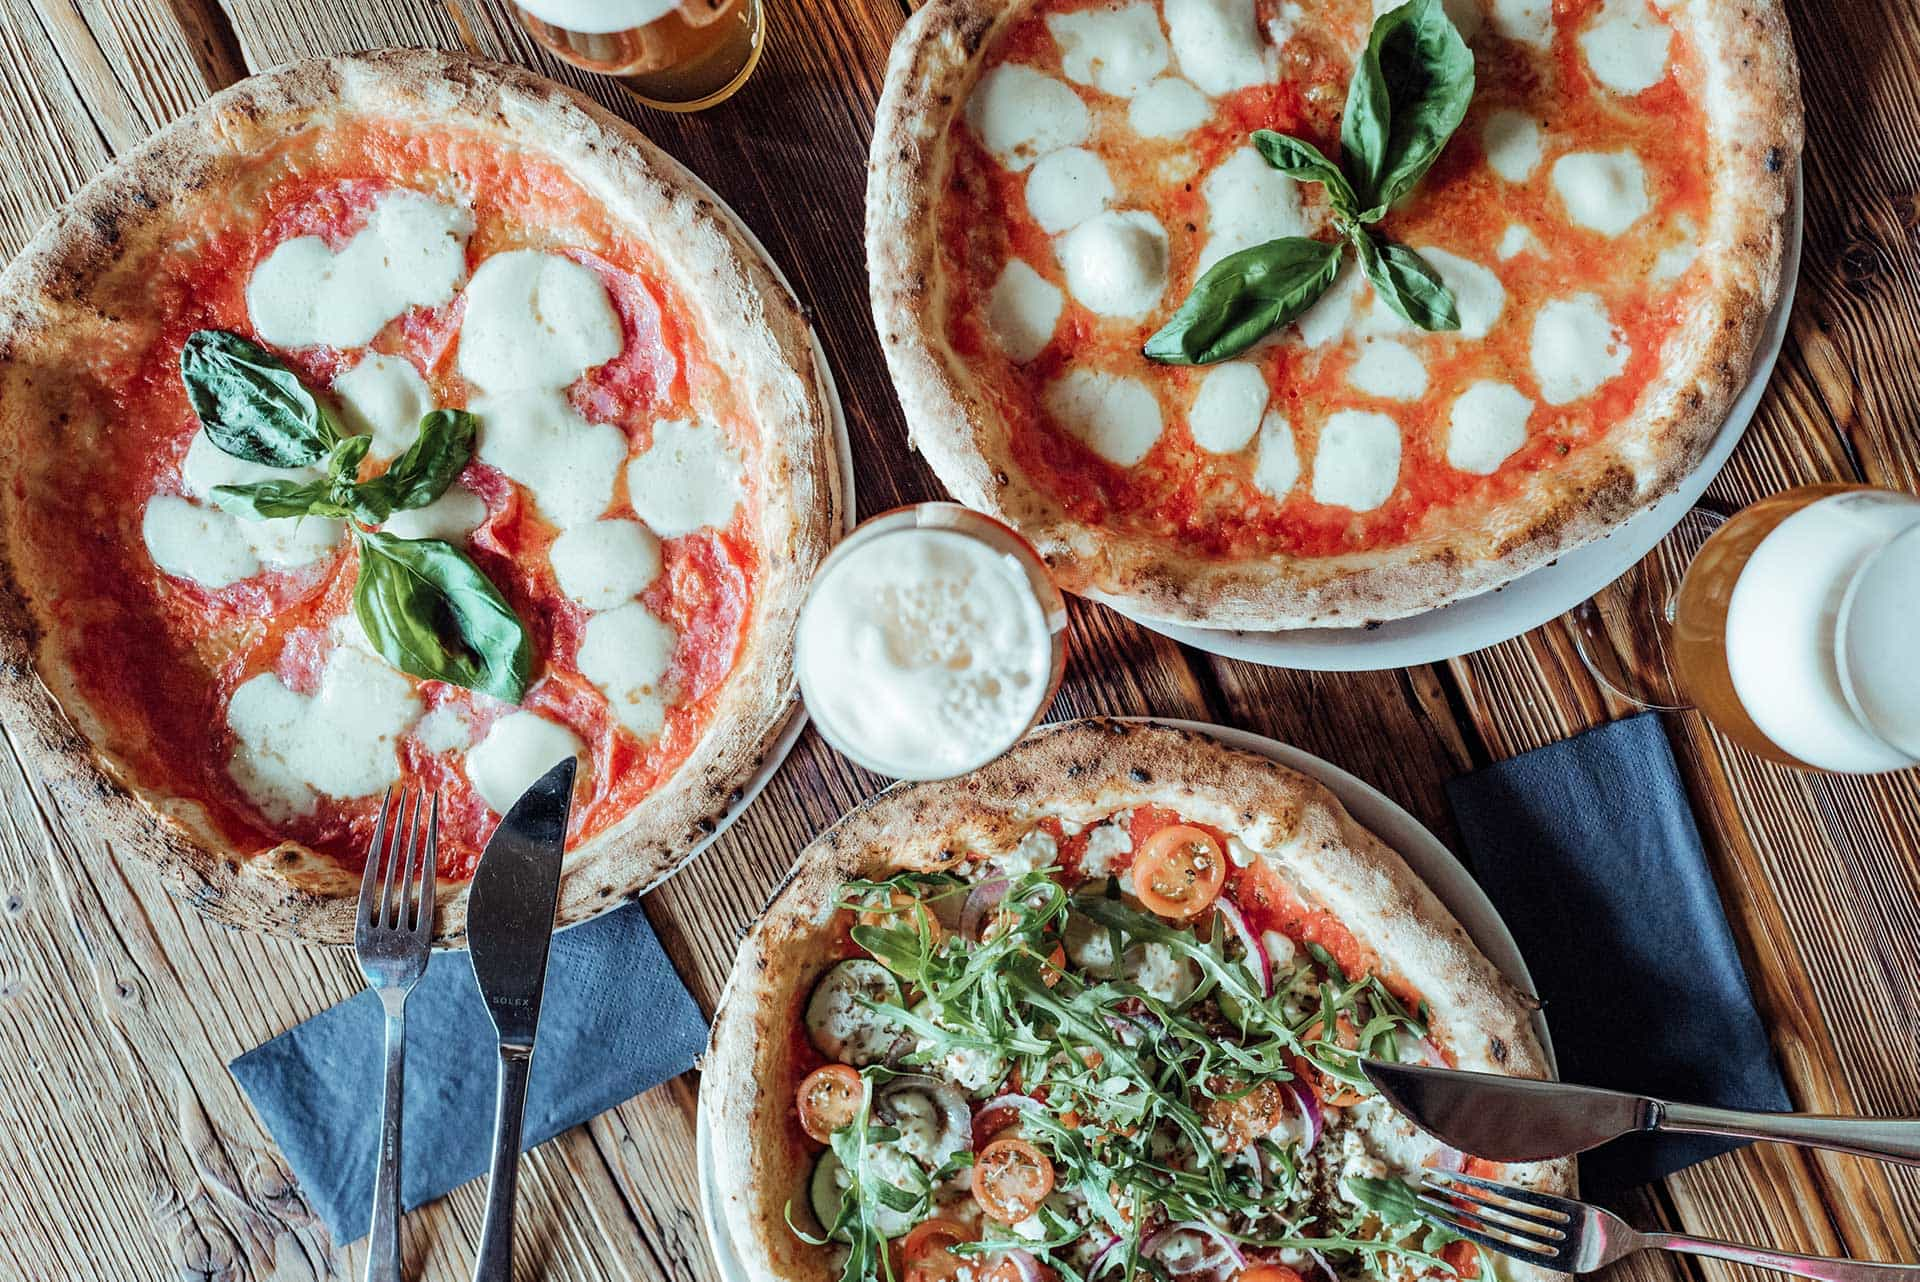 TasteTours Ueberquell Pizza Craftbeer - So nachhaltig kann Craft Beer sein!